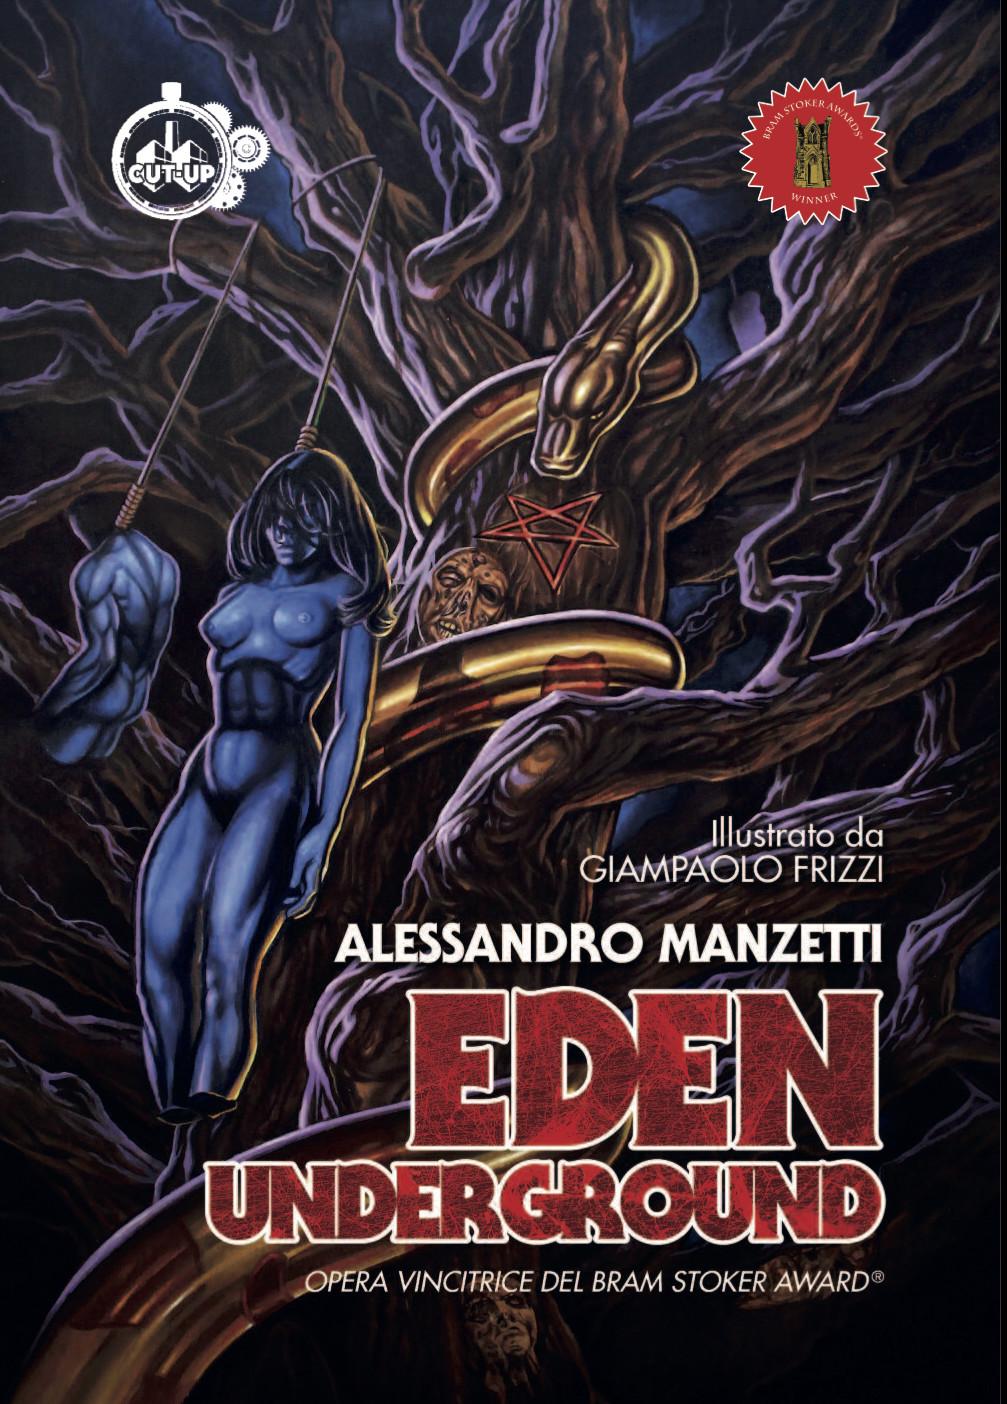 """""""EDEN UNDERGROUND"""" di Alessandro Manzetti, disegni di Giampaolo Frizzi"""